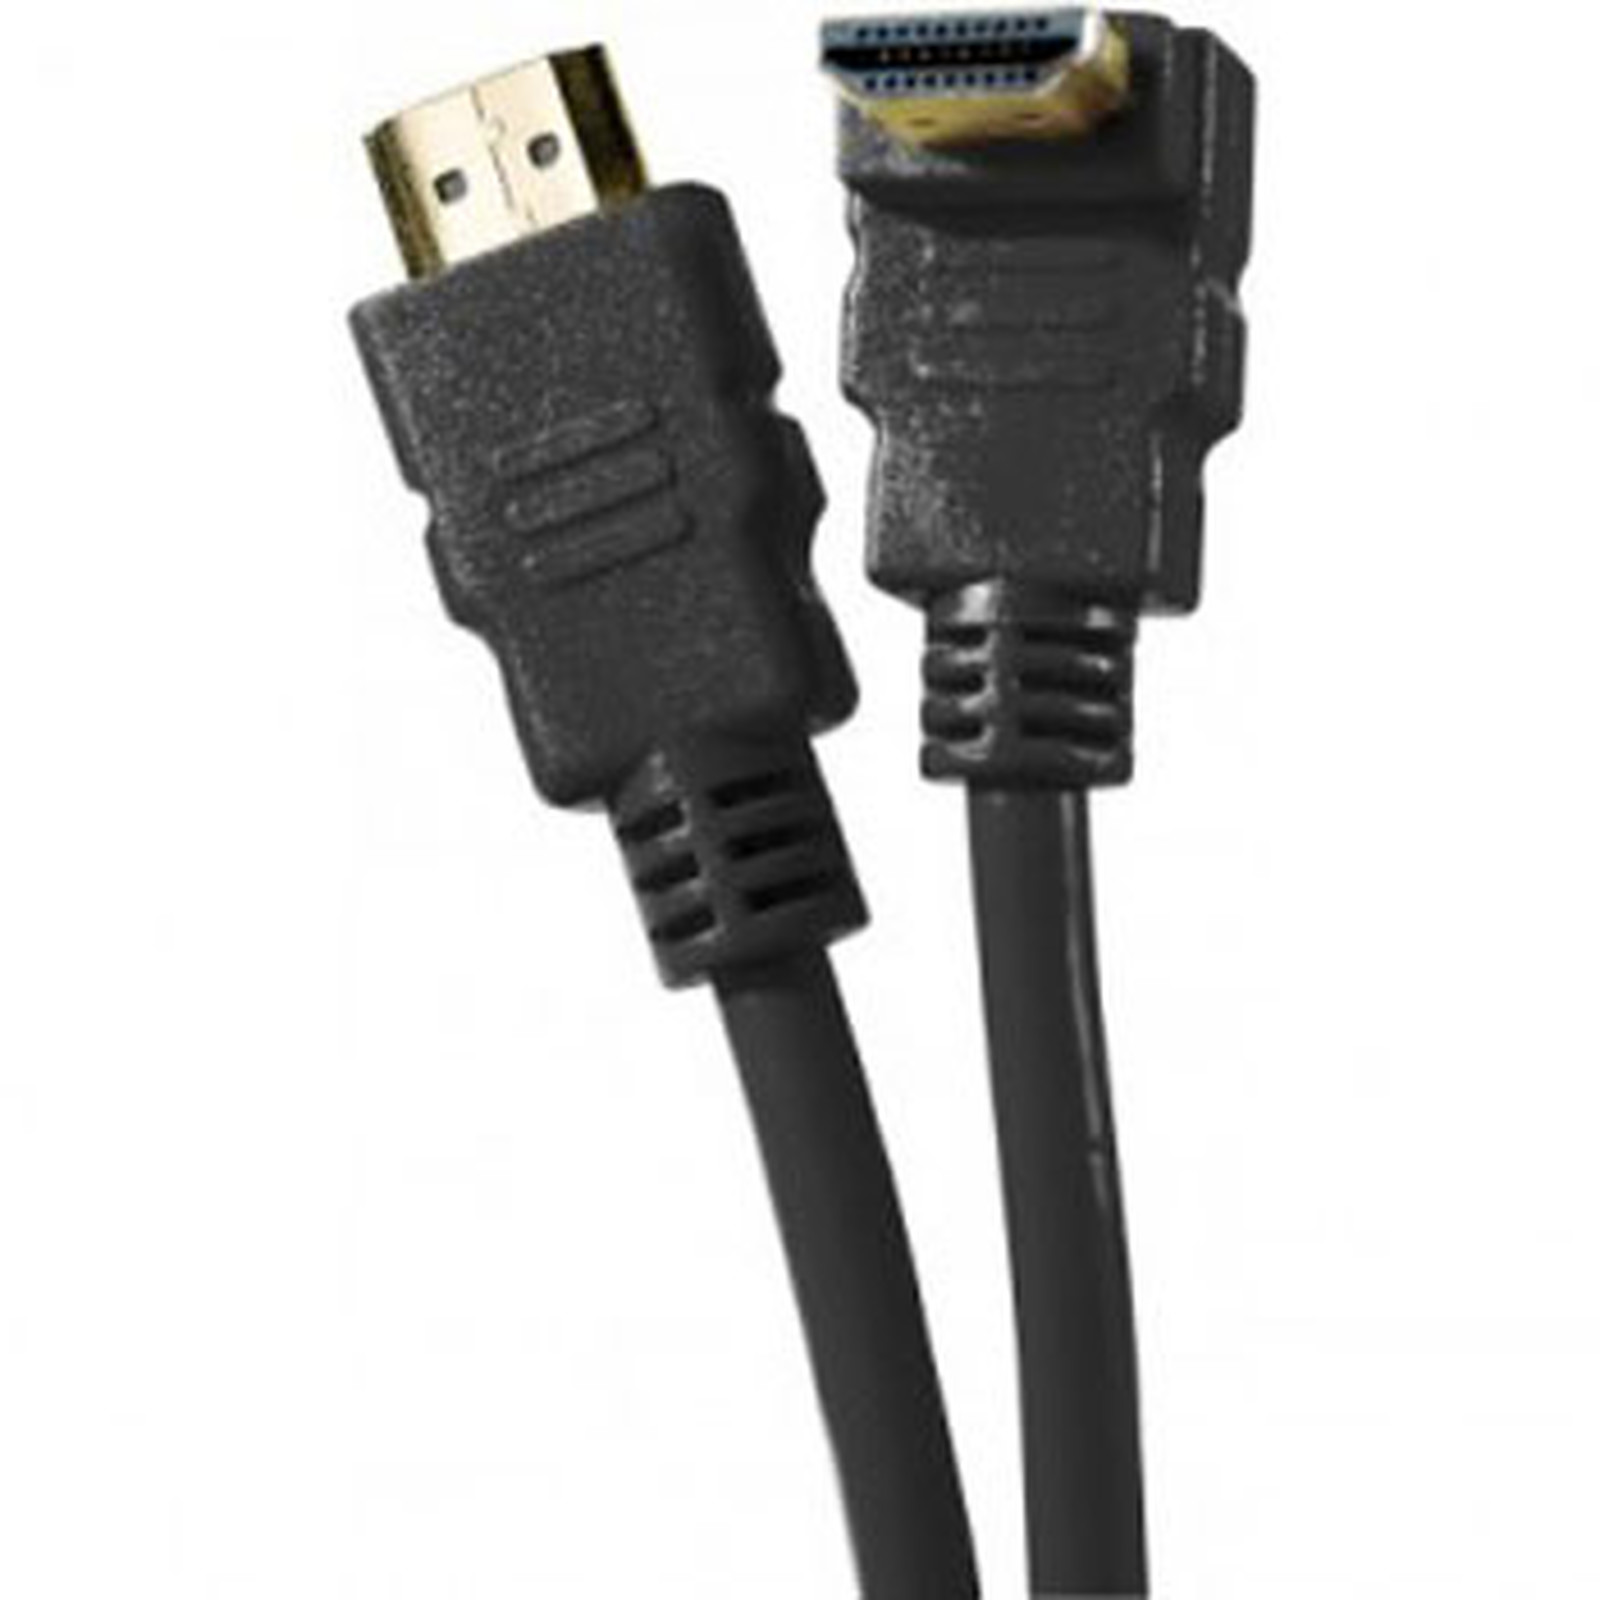 Câble HDMI 1.4 Ethernet Channel Coudé mâle/mâle Noir - (1.5 mètre)